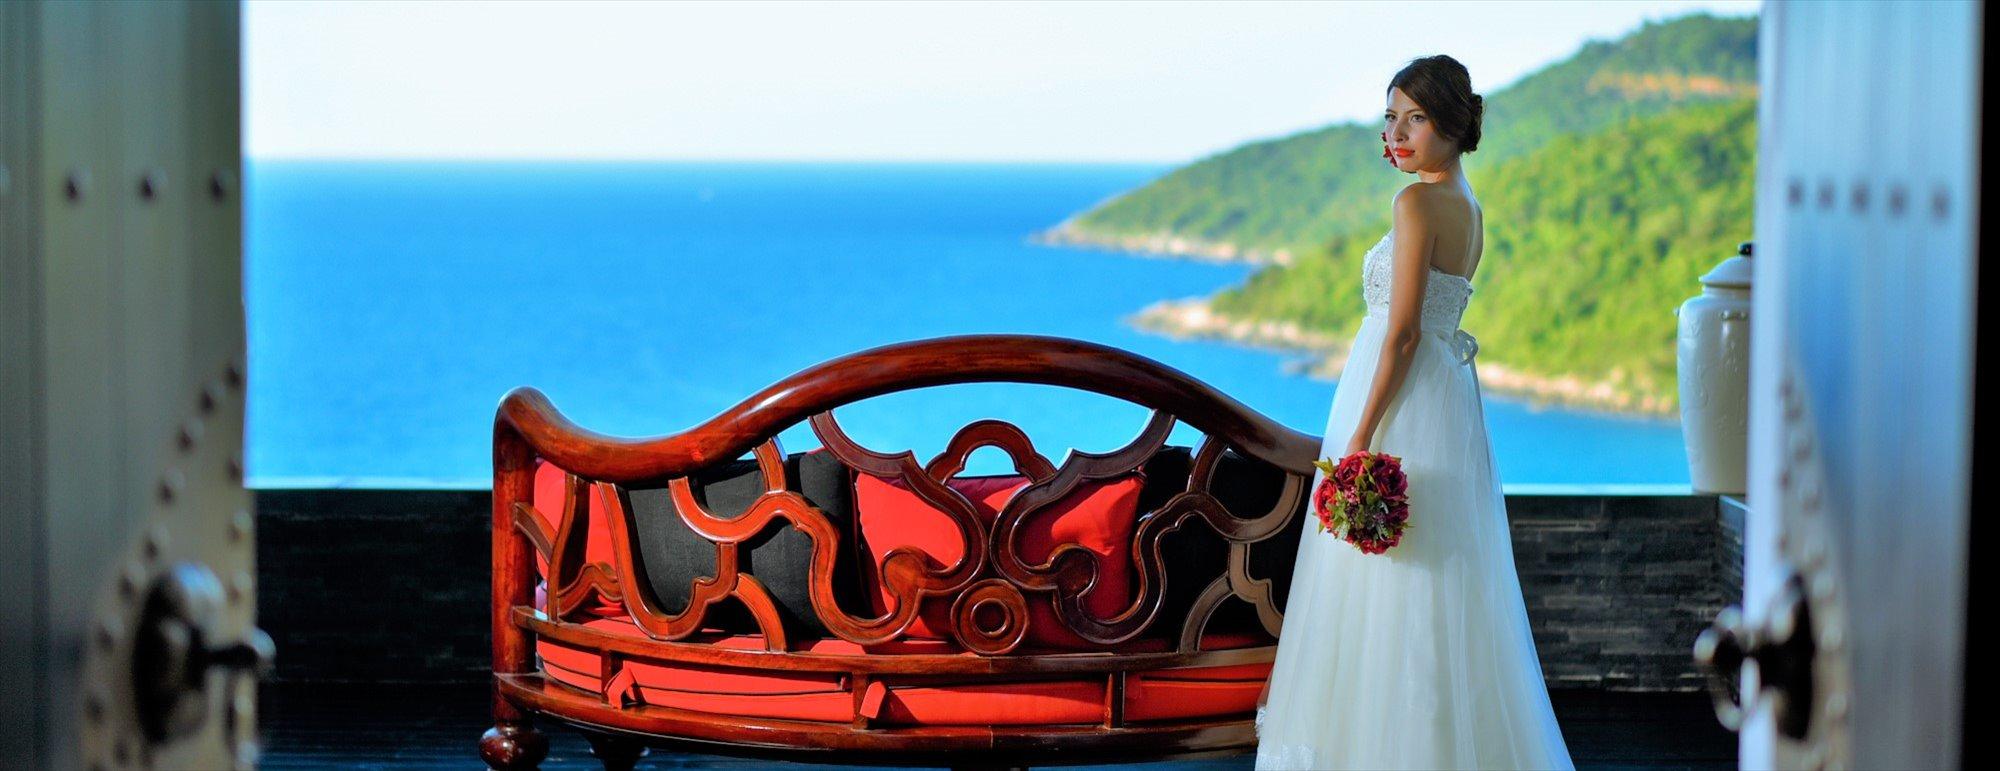 ベトナム・ダナン・ウェディング<br /> Intercontinental Danang Sun Peninsula Resort<br /> インターコンチネンタル・ダナン挙式